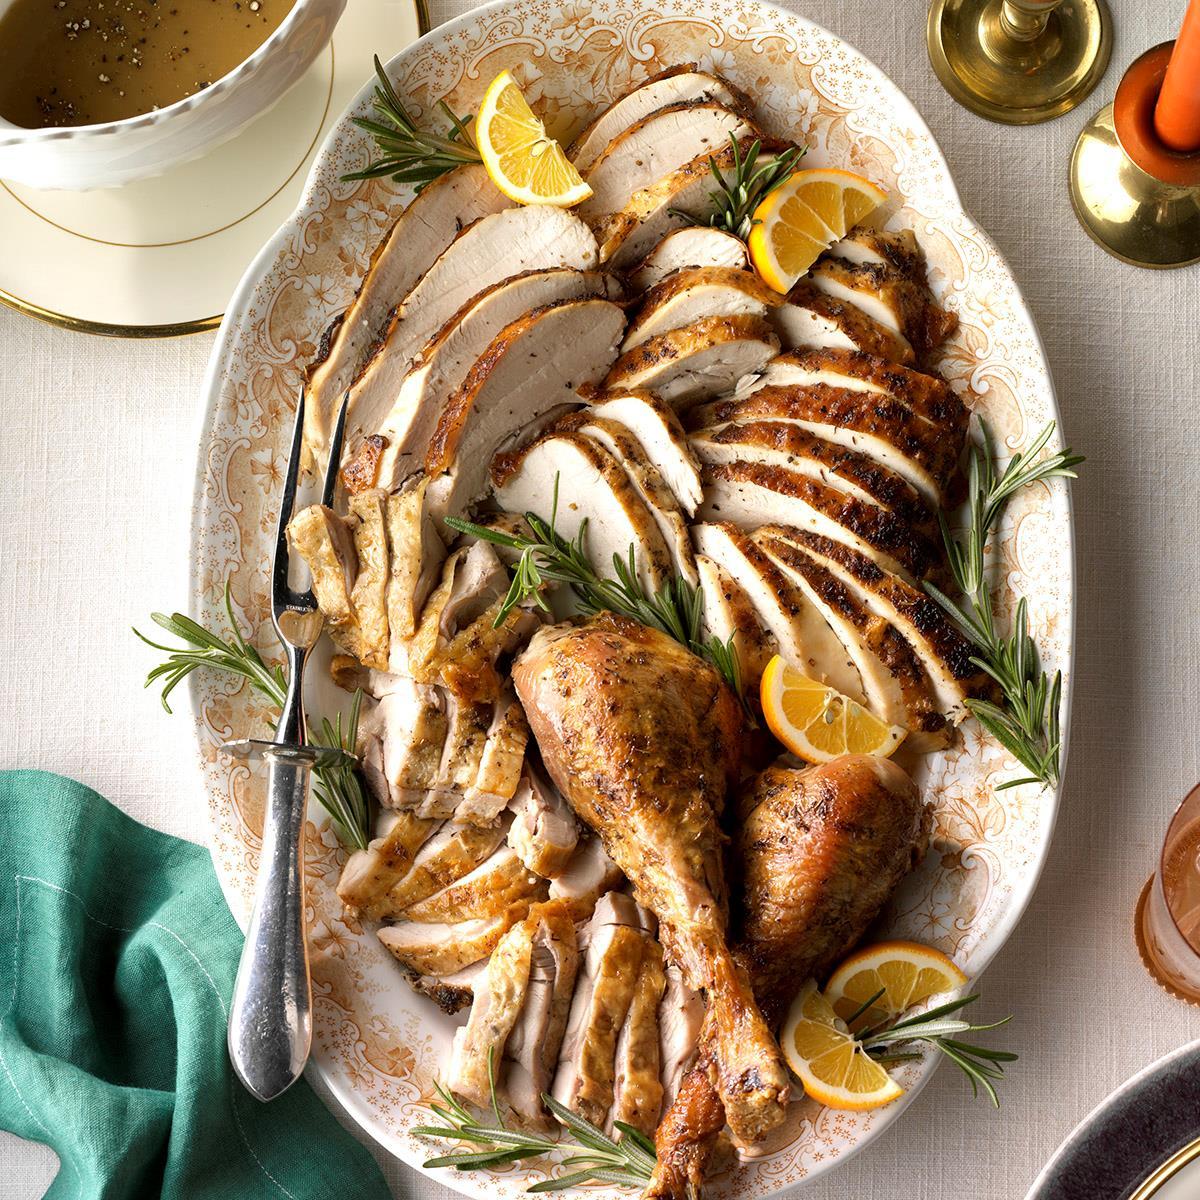 Roasted Citrus & Herb Turkey image